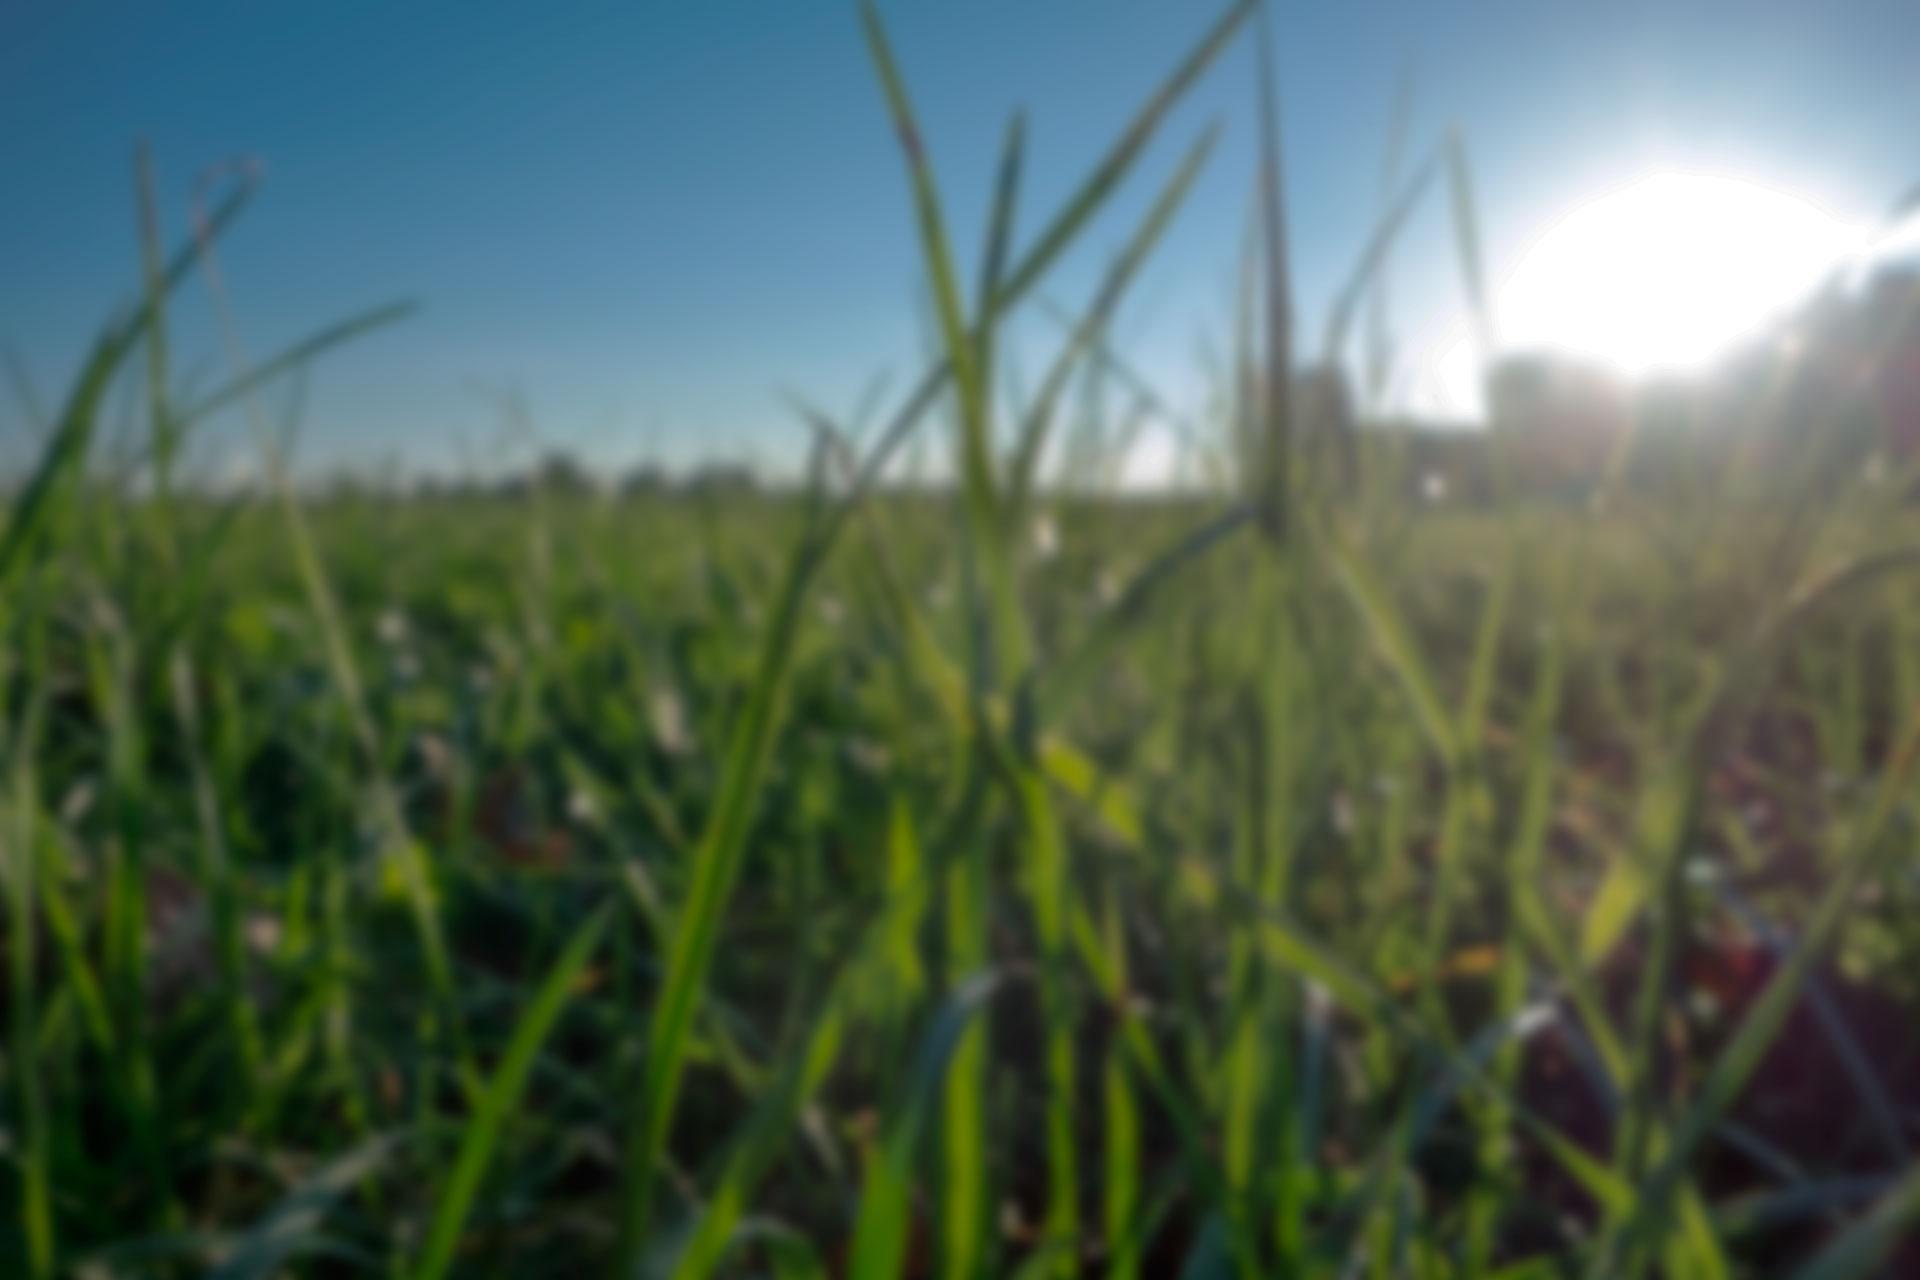 grass-638123